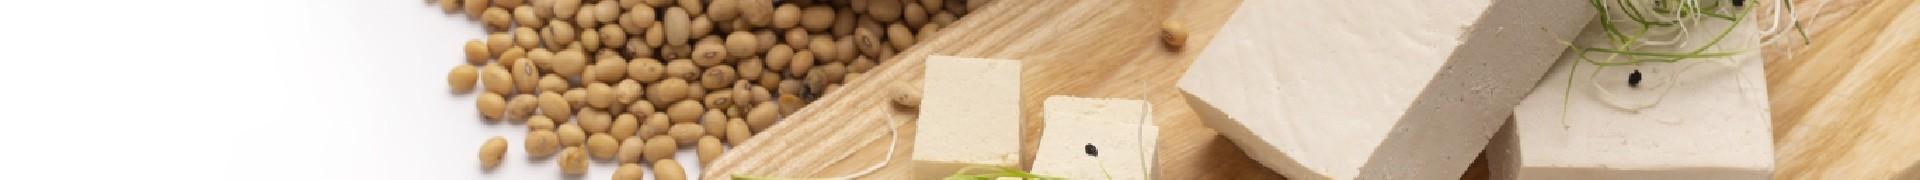 Specialități vegetale, inlocuitor de lactate